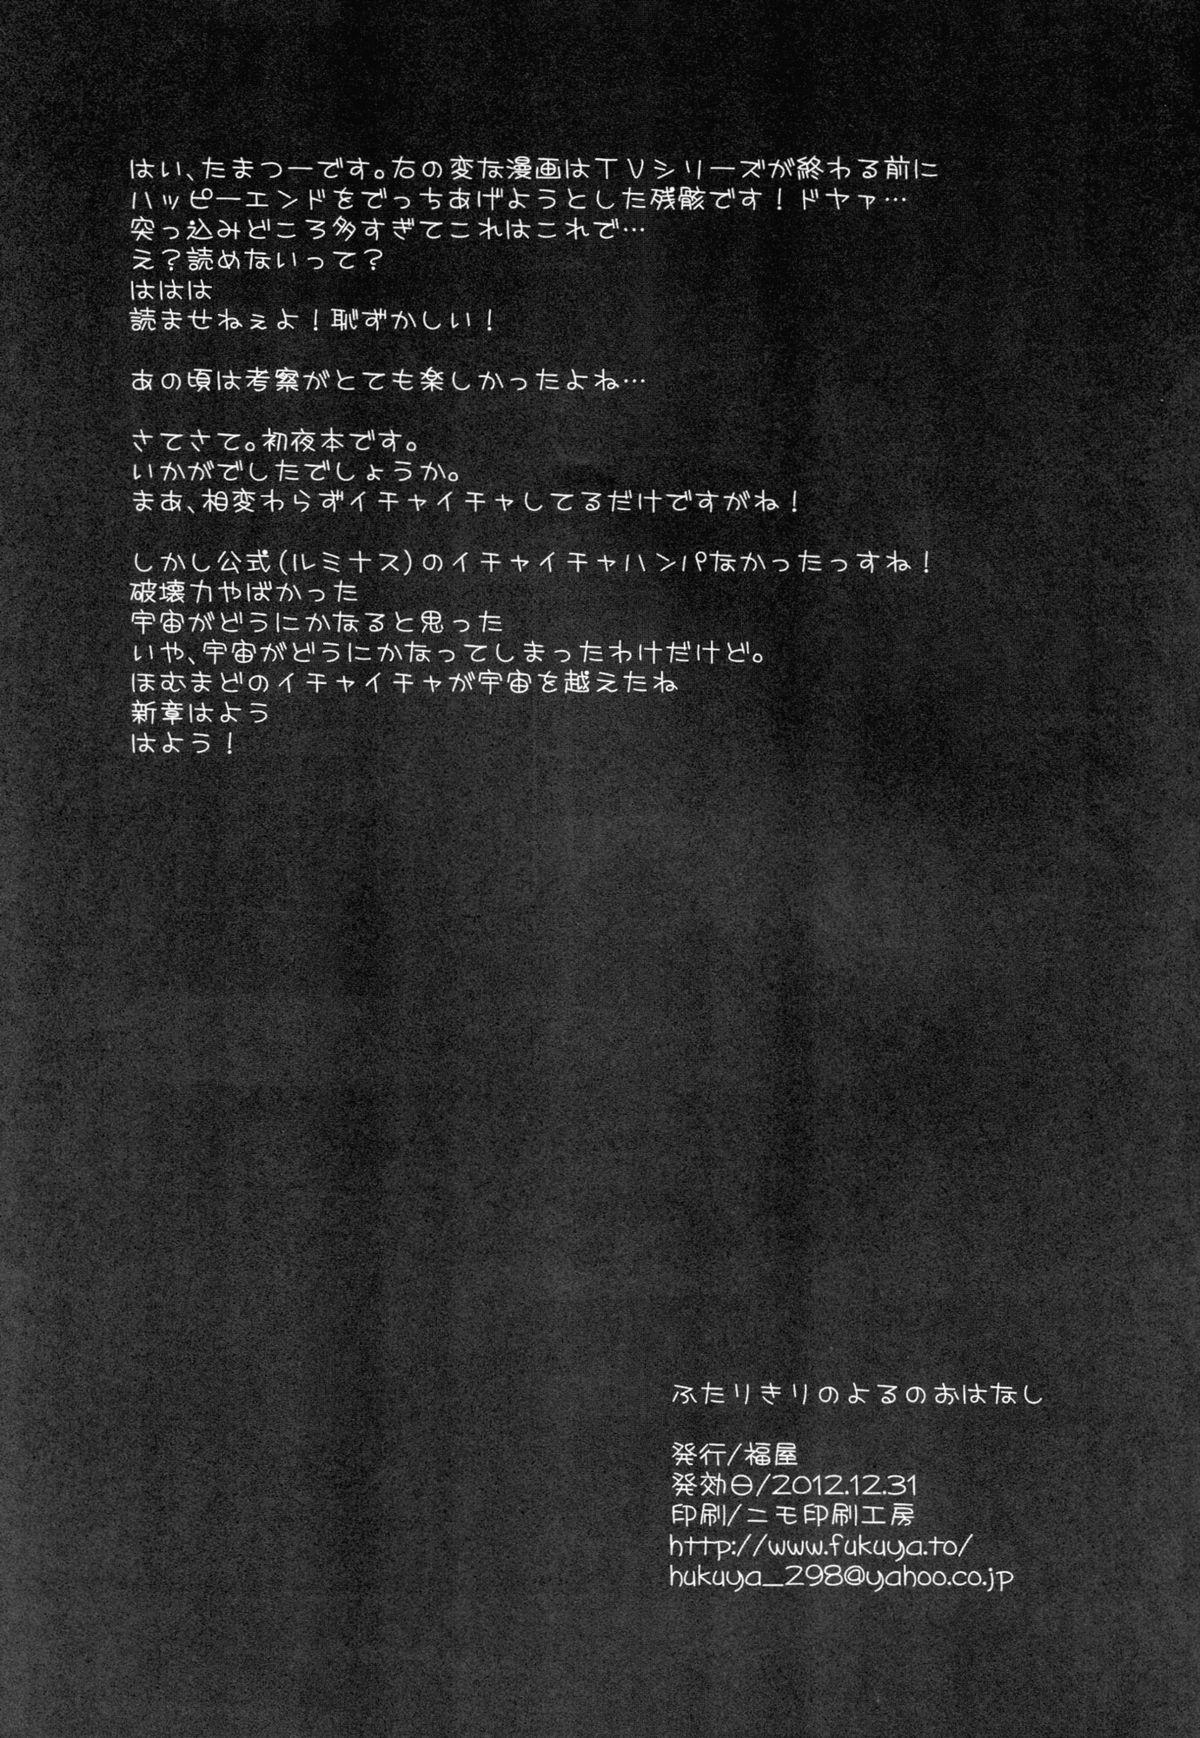 Futarikiri no Yoru no Ohanashi | A Story of Their Night Together 23